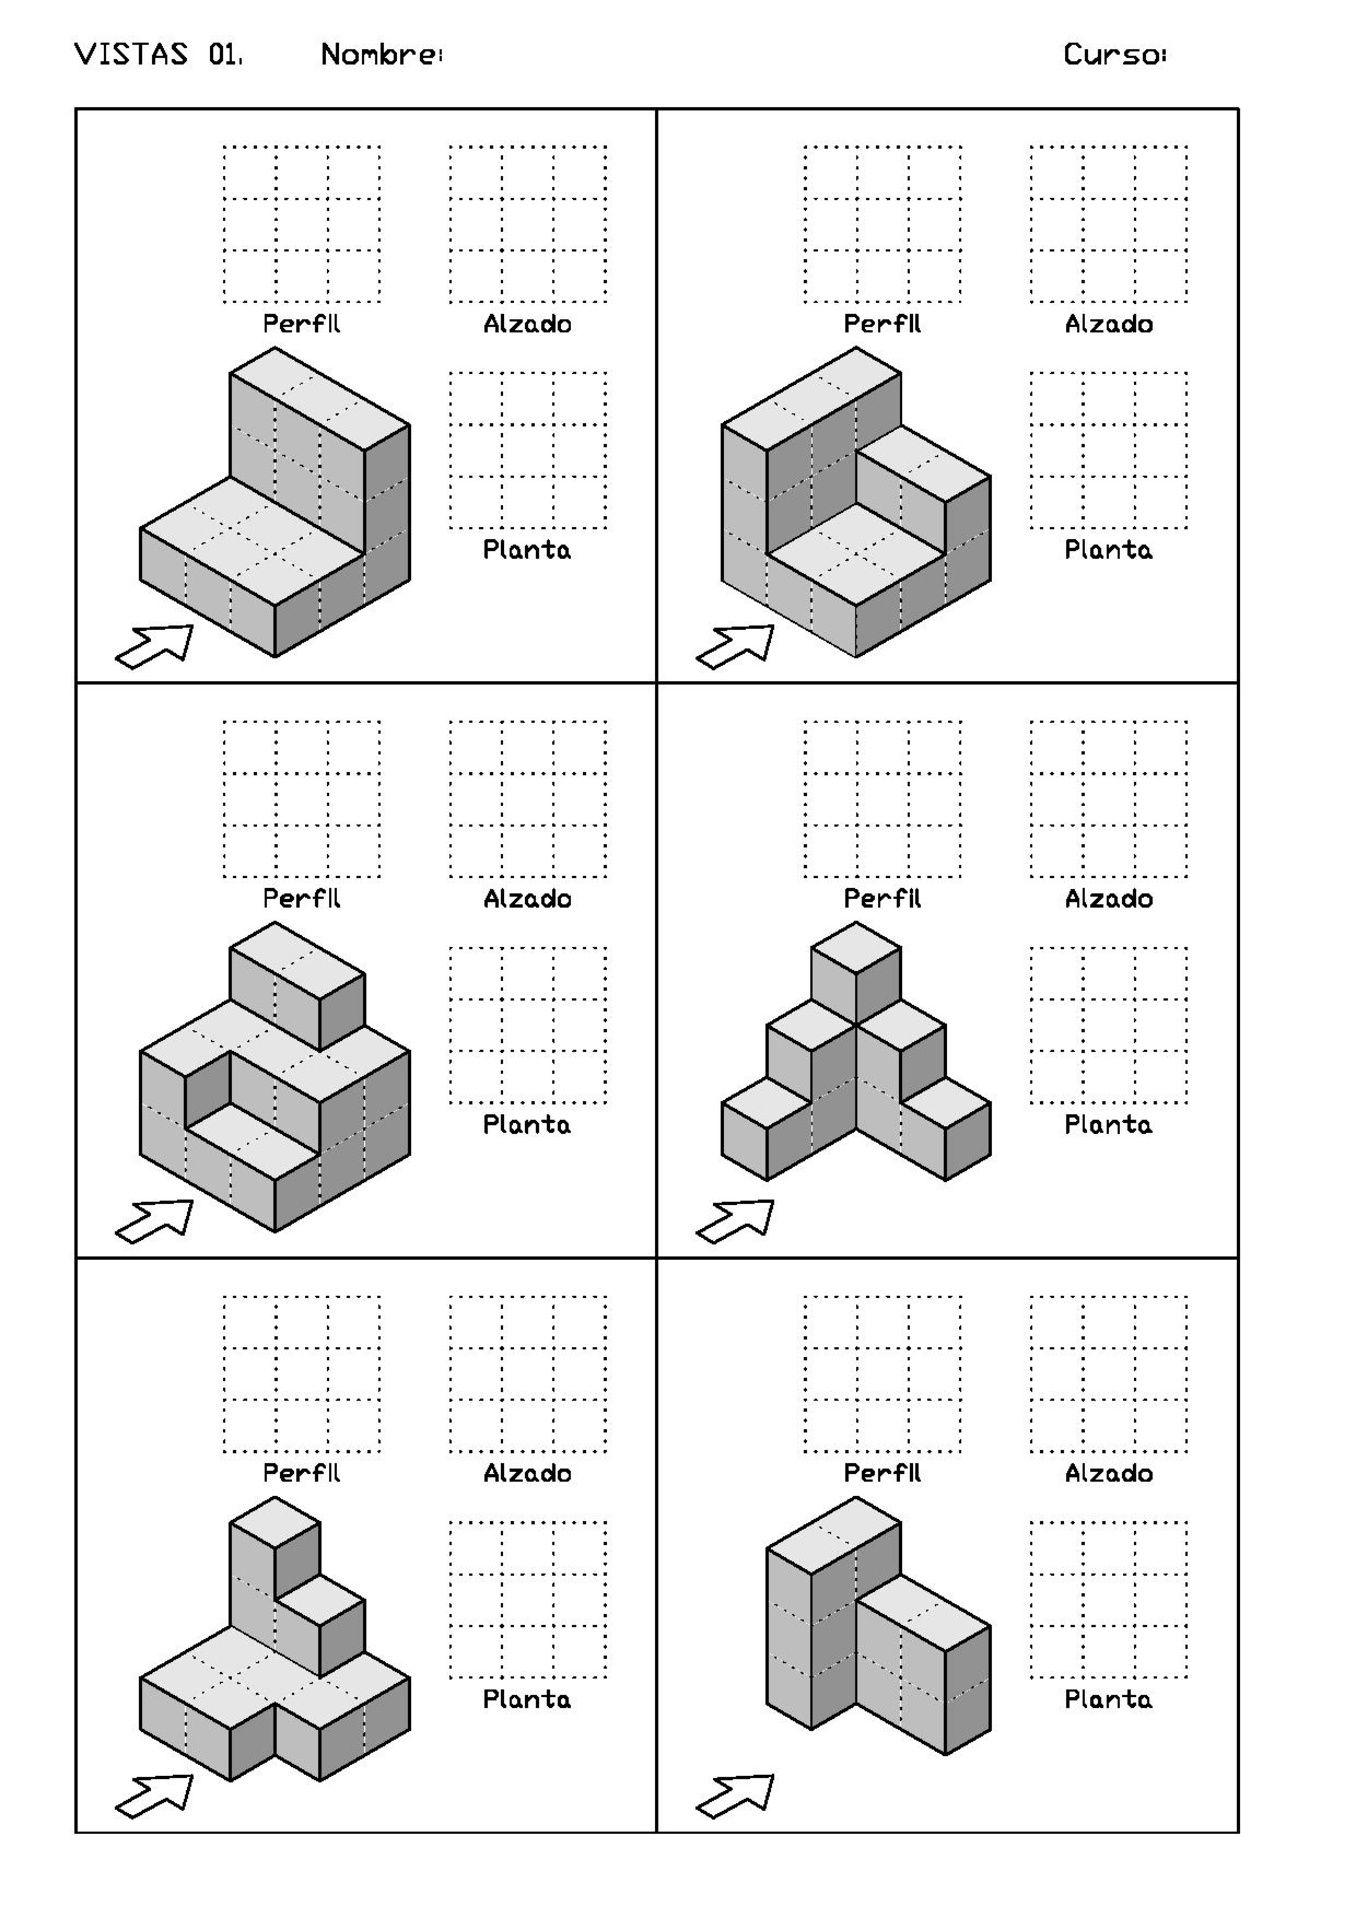 Ejercicios De Vistas Y Perspectivas Alzado Izquierdo Piezas Simples Tecnicas De Dibujo Dibujo Tecnico Pdf Vistas Dibujo Tecnico